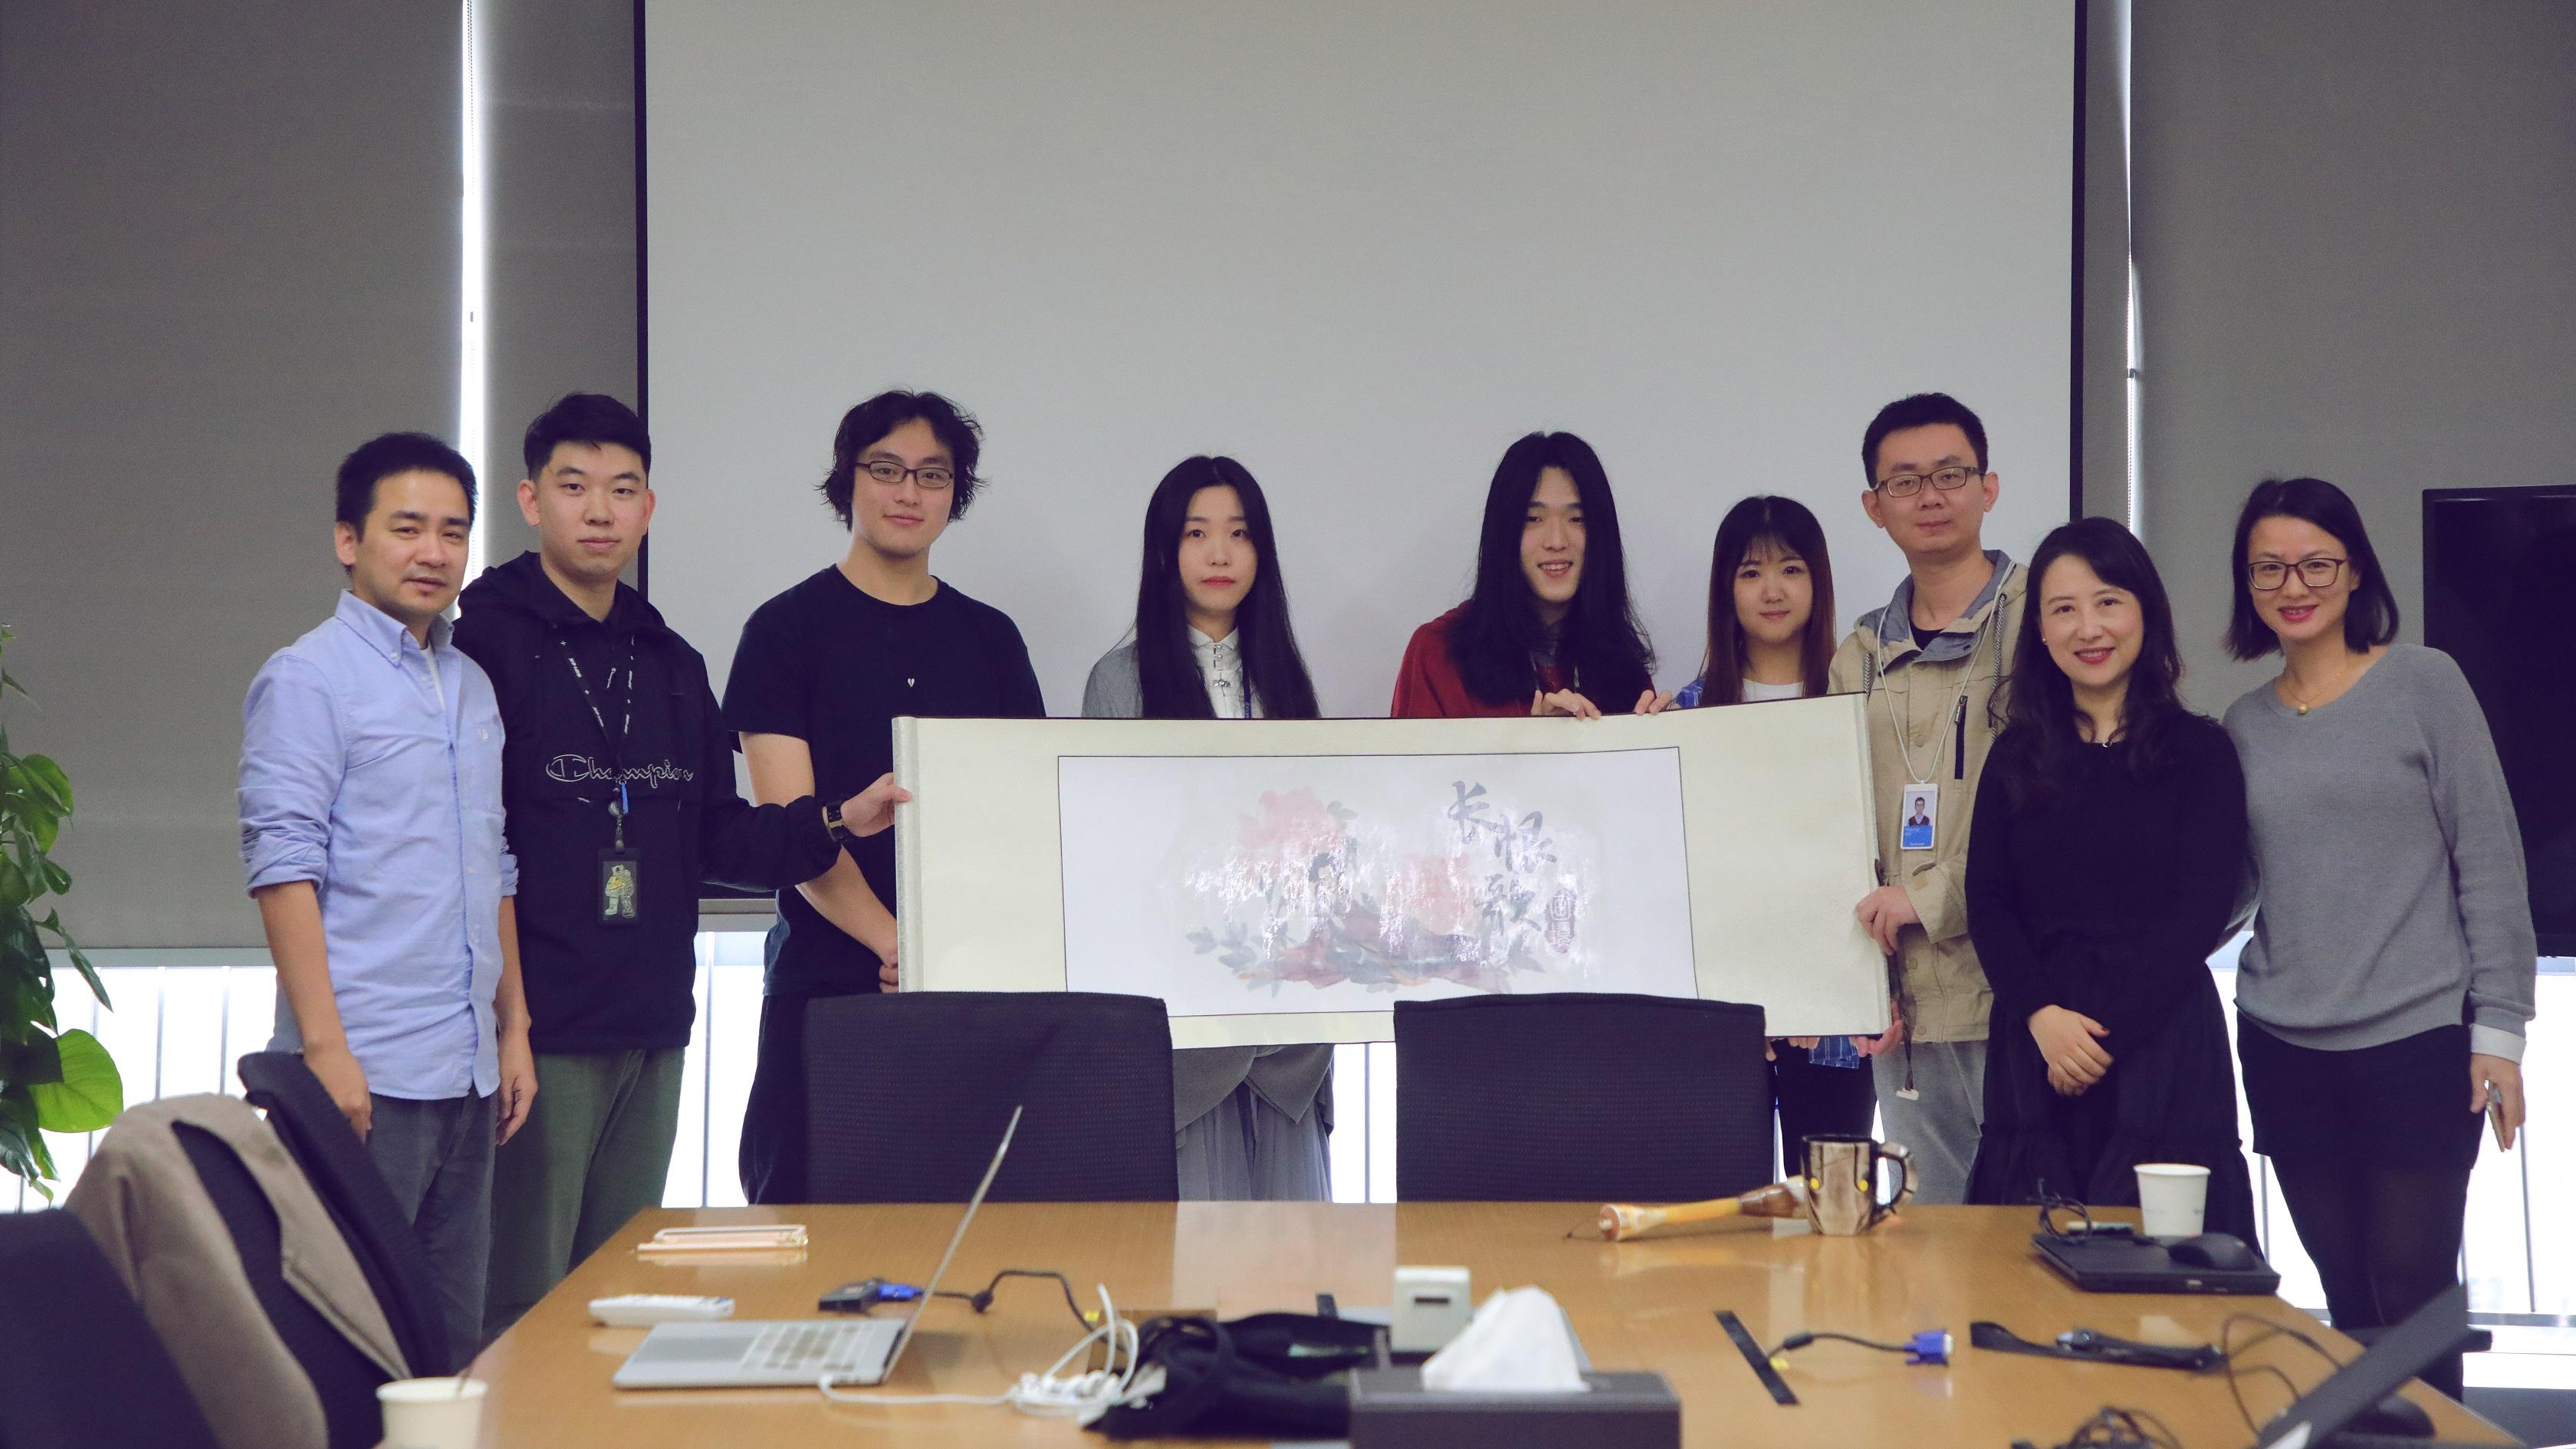 专访《画境长恨歌》团队:五名游戏新人,四卷画纸,梦回唐朝